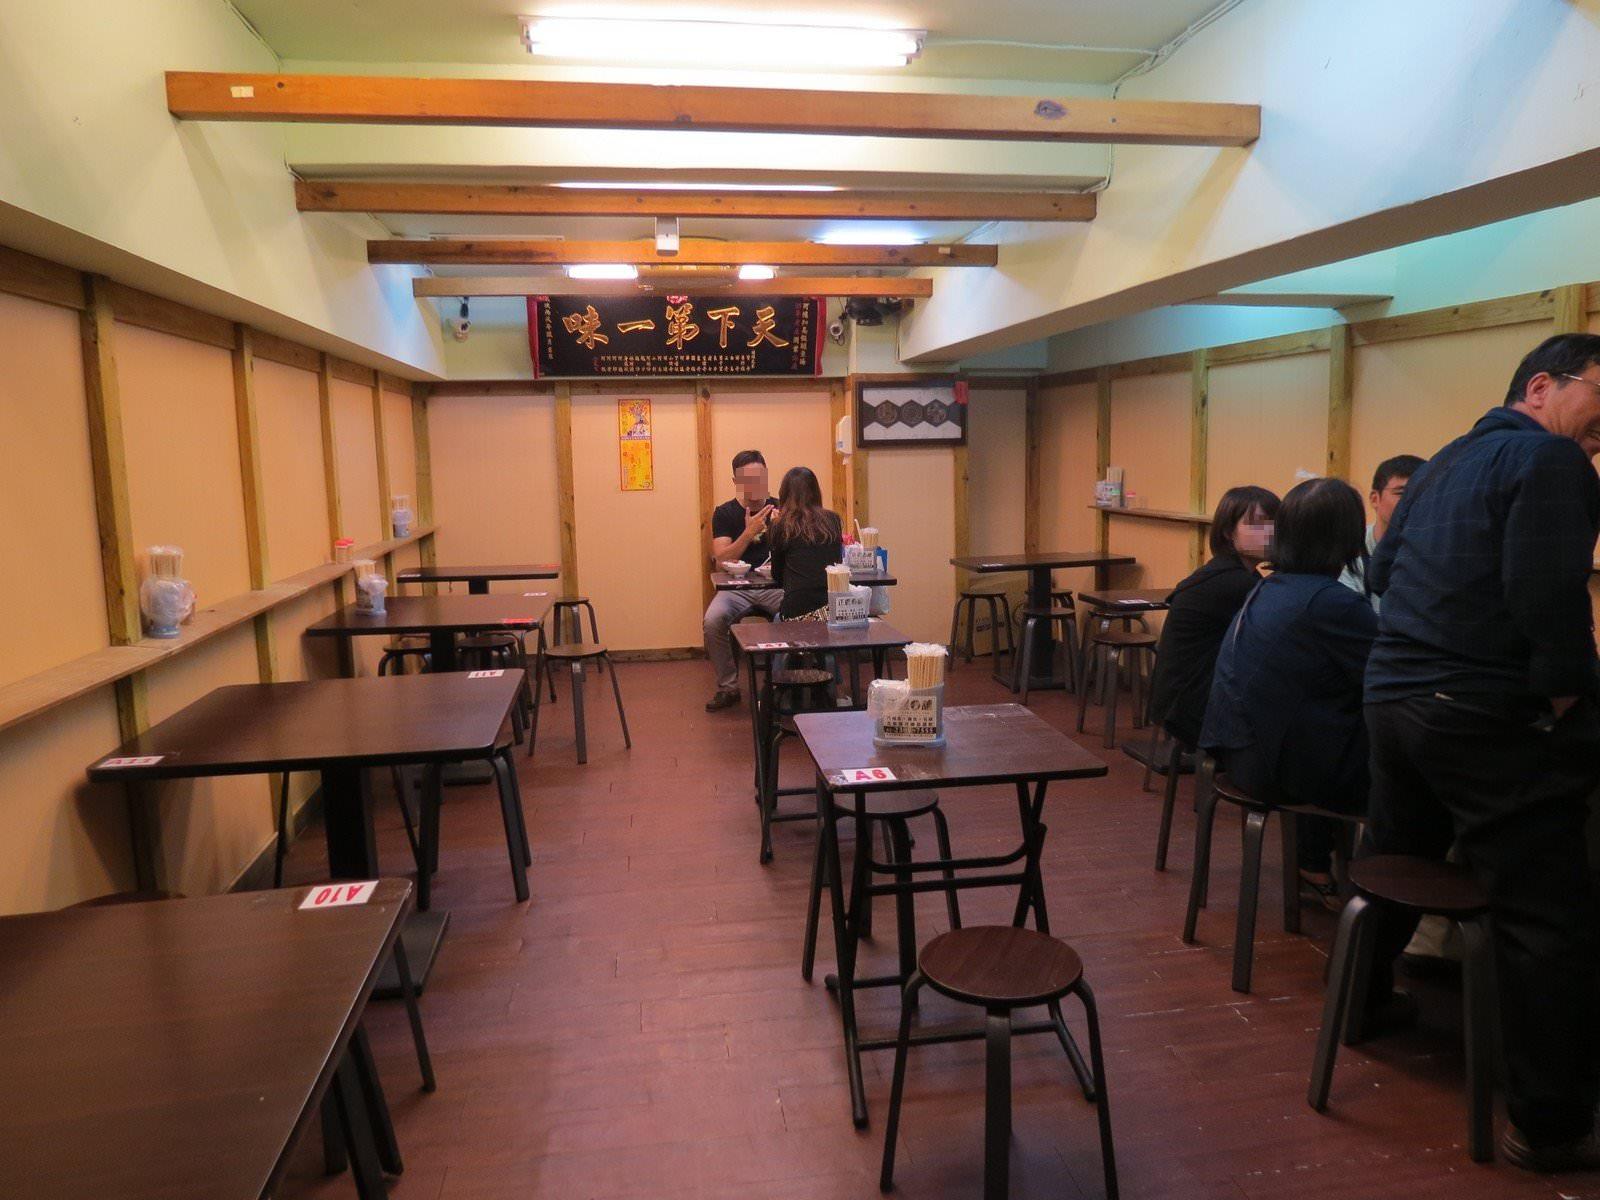 阿鴻知高飯‧鱸魚湯@廣州街夜市, 用餐空間